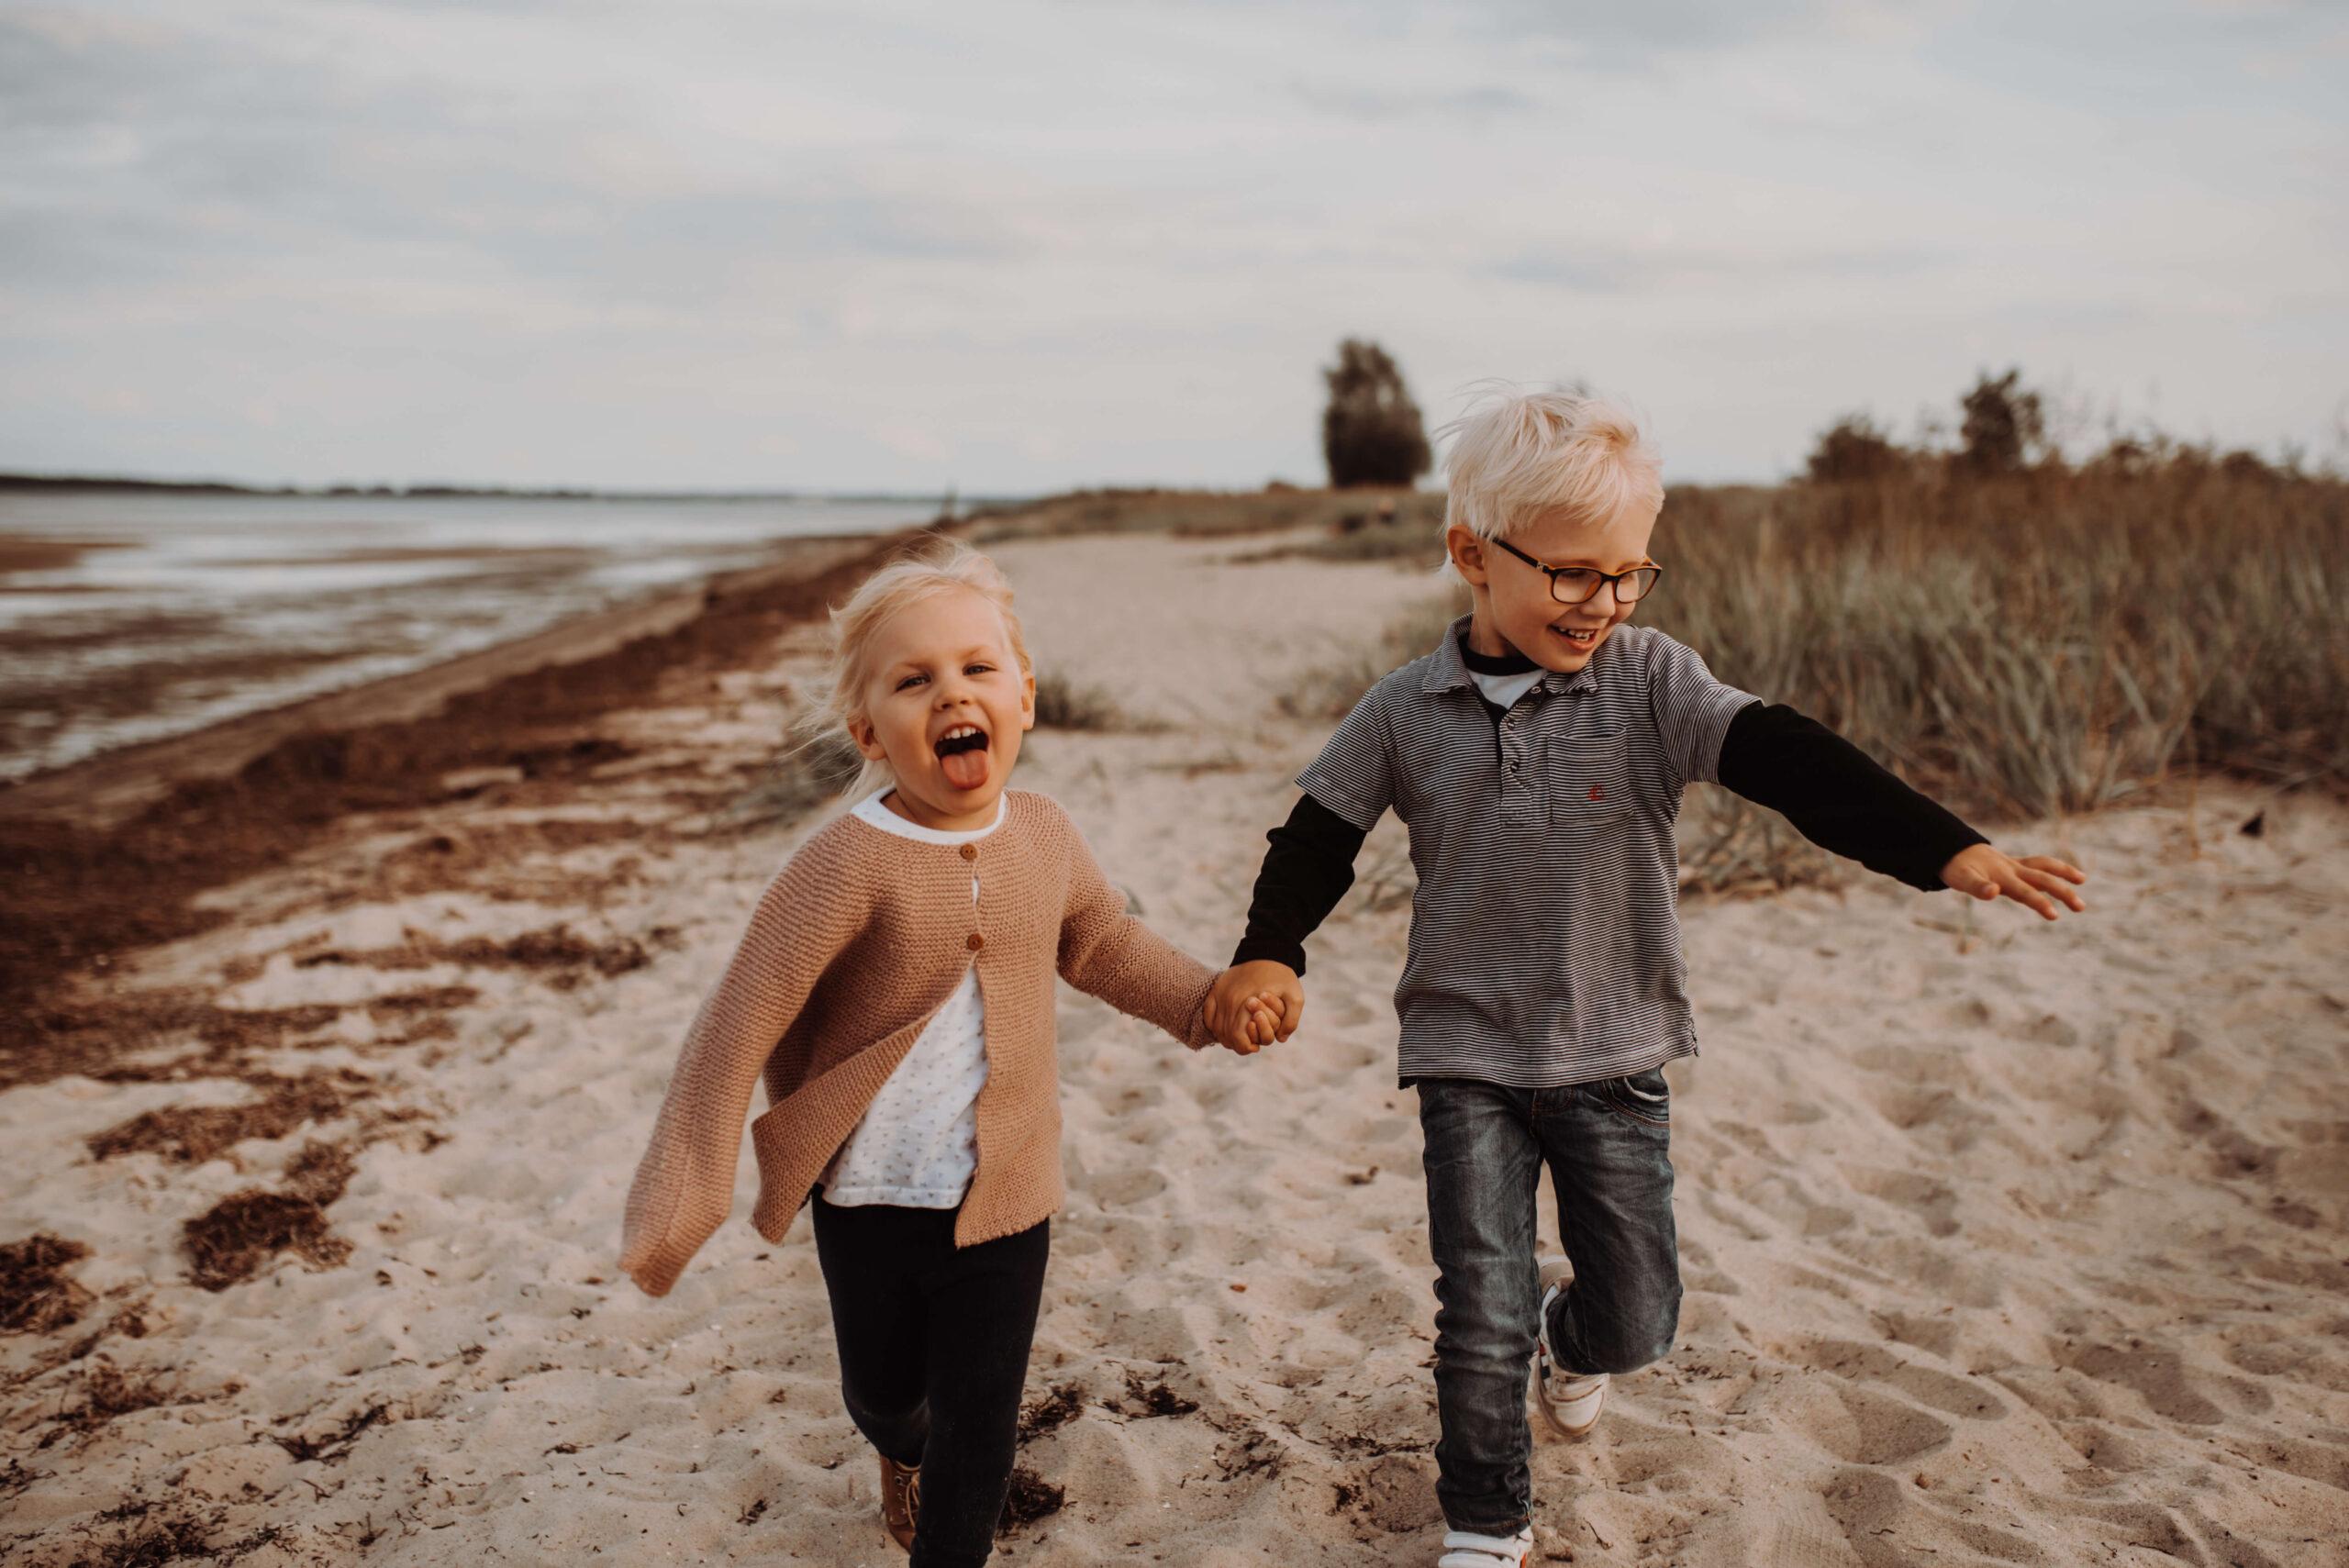 Junge und Mädchen laufen den Strand entlang